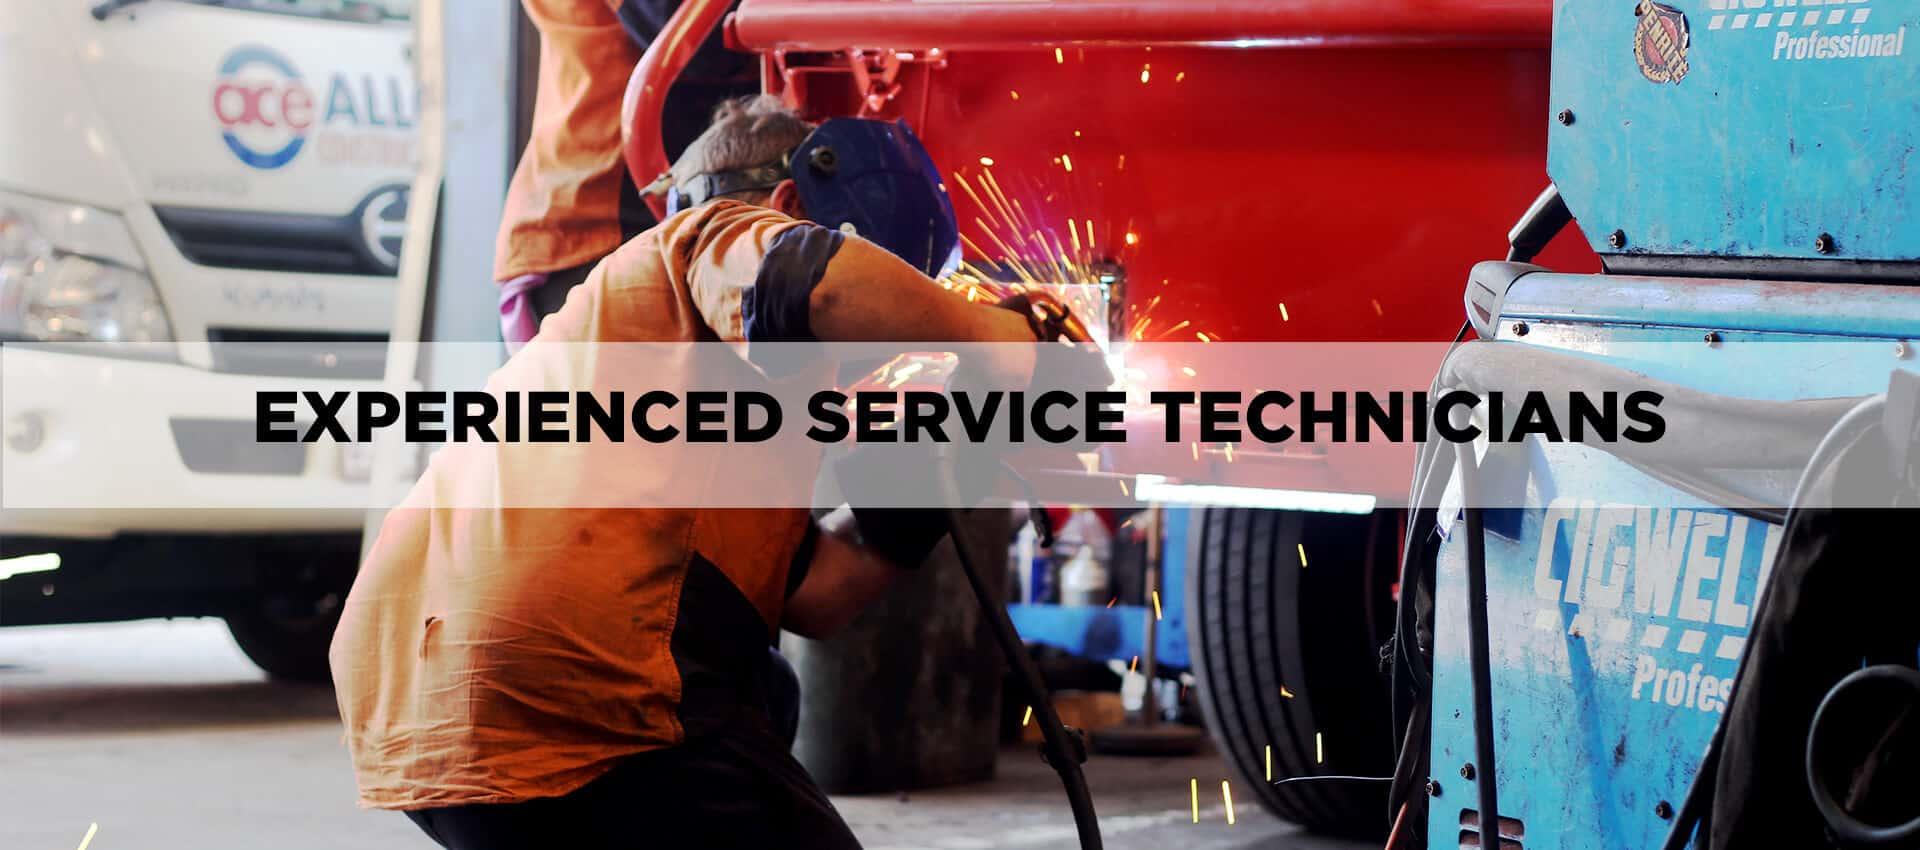 XP Service technicians